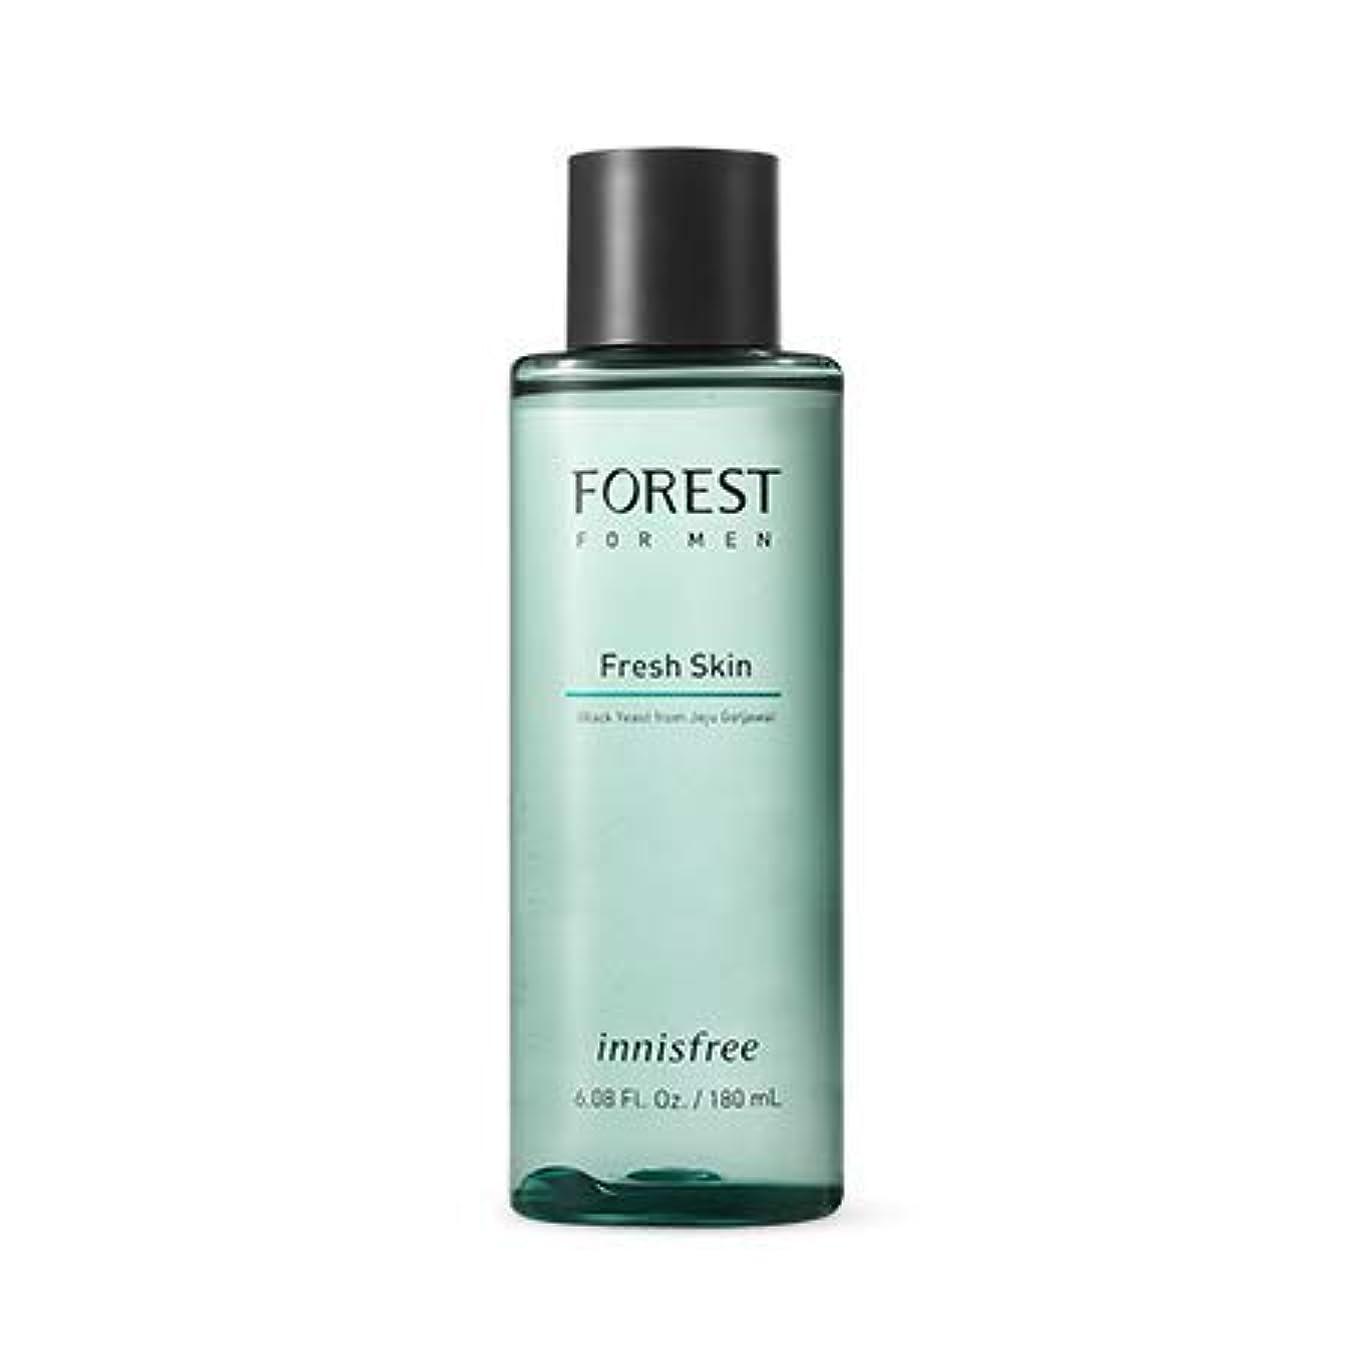 シェアレーザグラフィック[イニスフリー]フォレストフォアマンフレッシュスキン180mL(2019.05 new)Forest for Men Fresh Skin